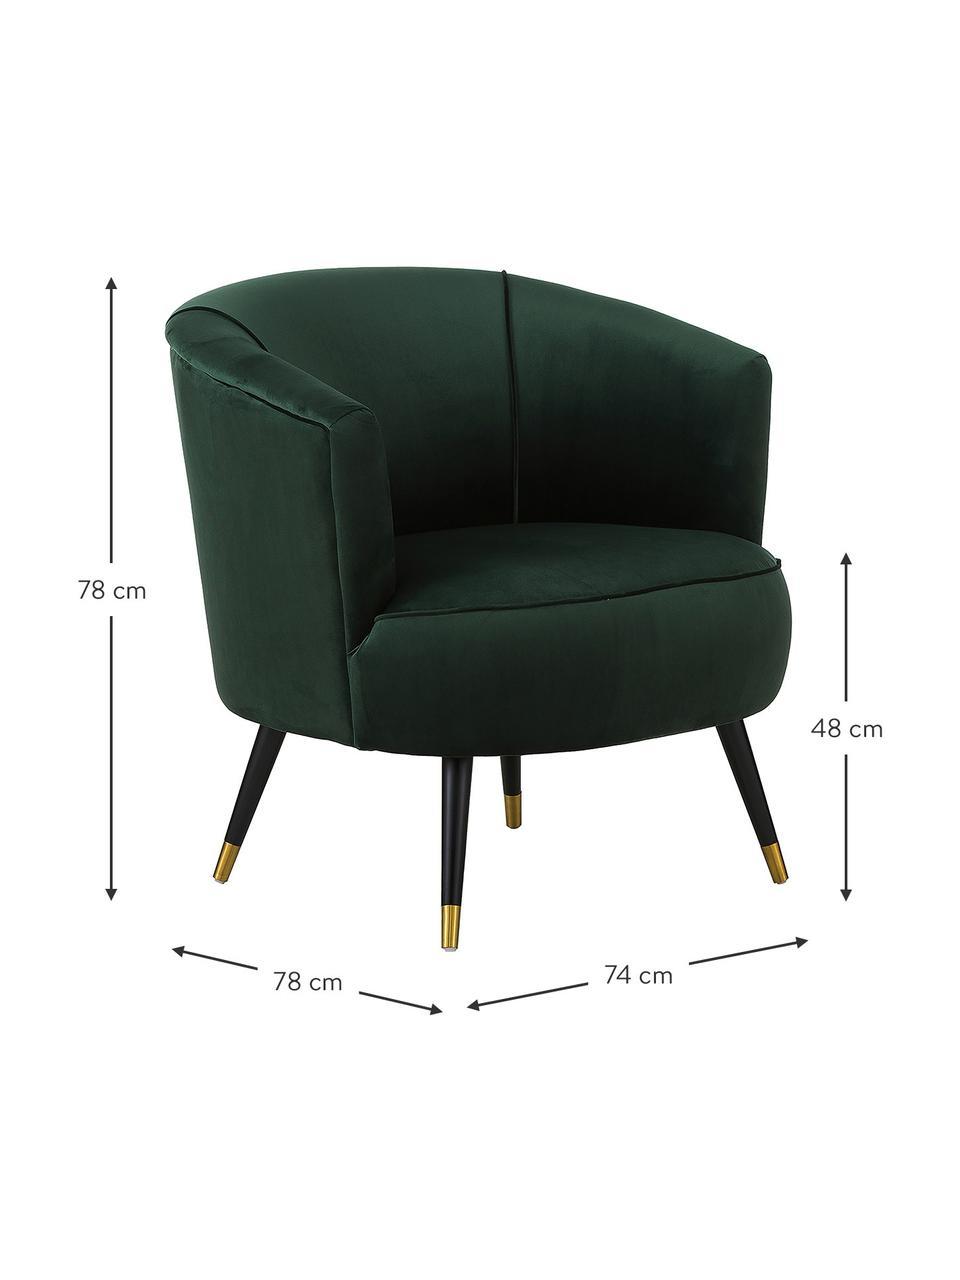 Poltrona in velluto verde scuro Ella, Rivestimento: velluto (poliestere) 50.0, Piedini: metallo verniciato, Velluto verde scuro, Larg. 74 x Prof. 78 cm